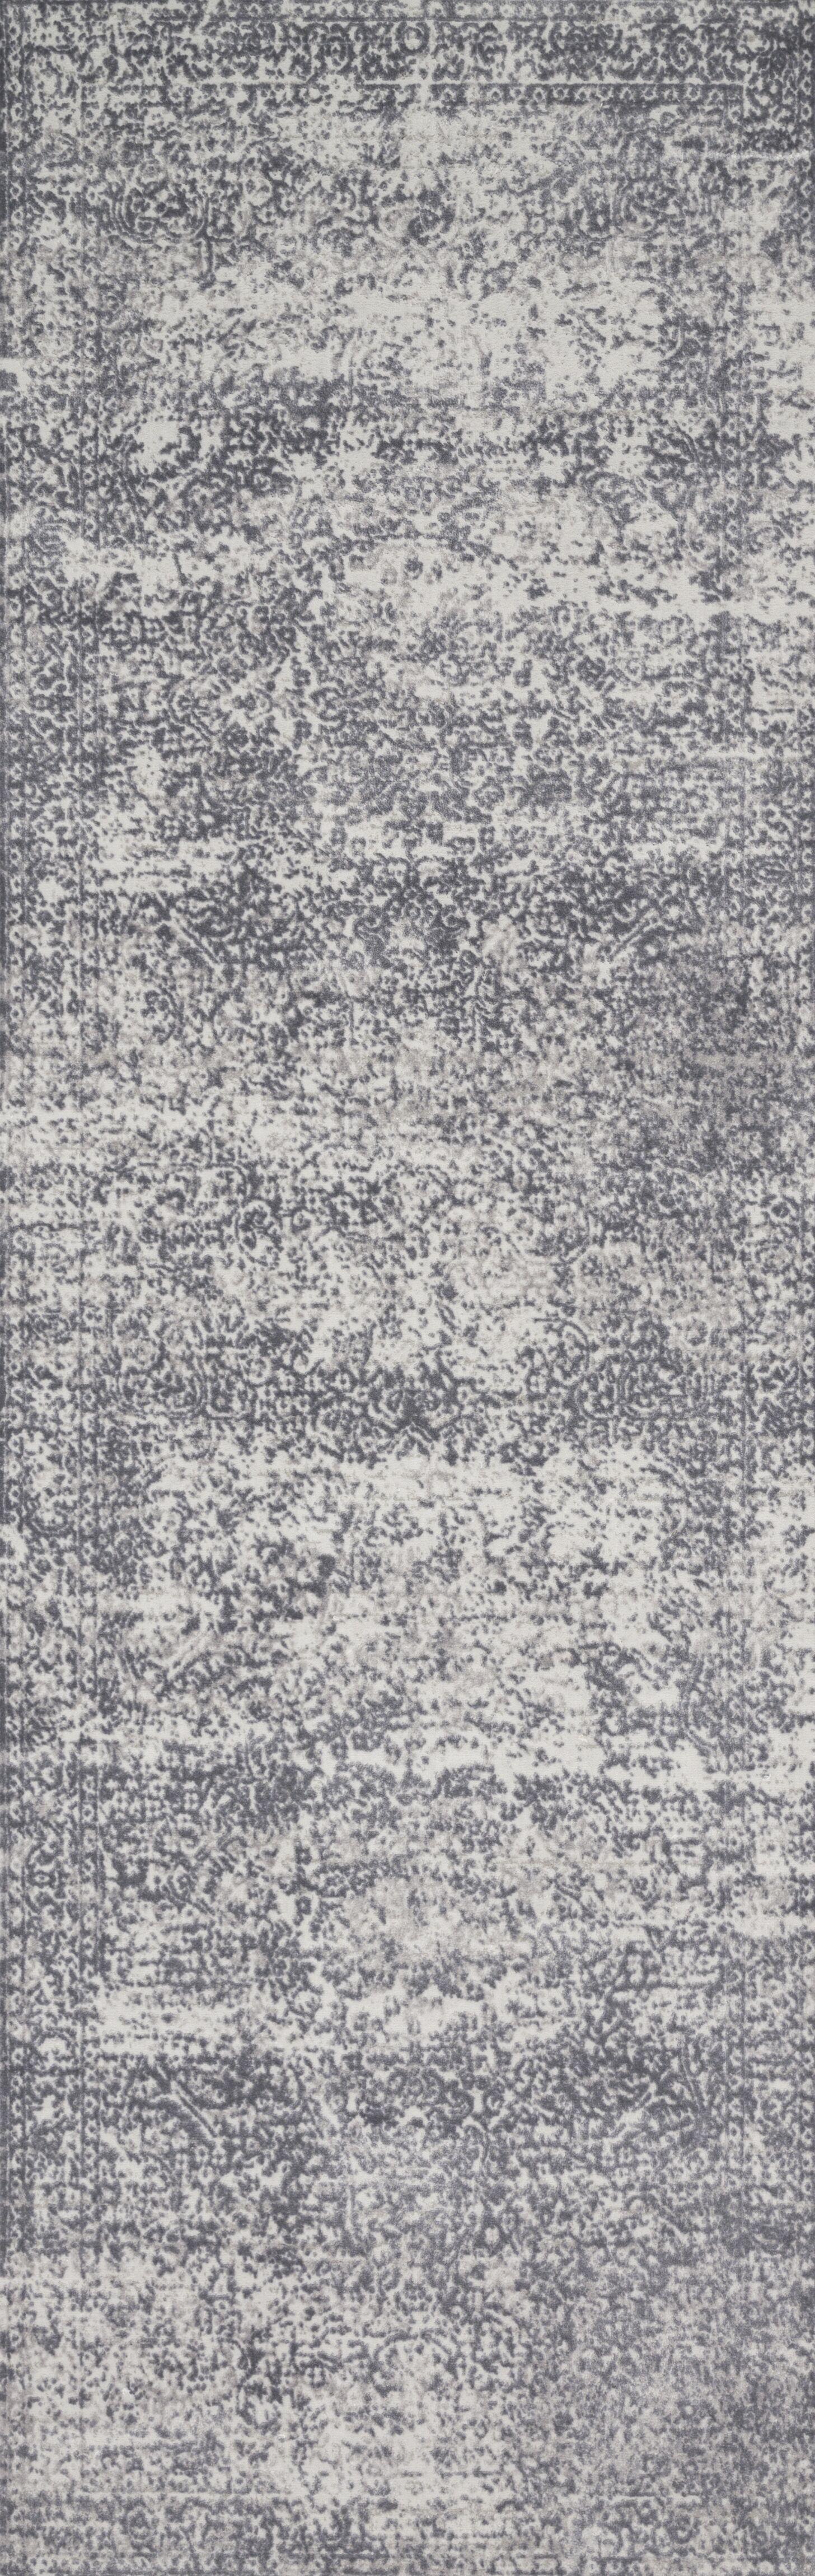 Jenson Silver/Light Gray Area Rug Rug Size: Runner 2'7